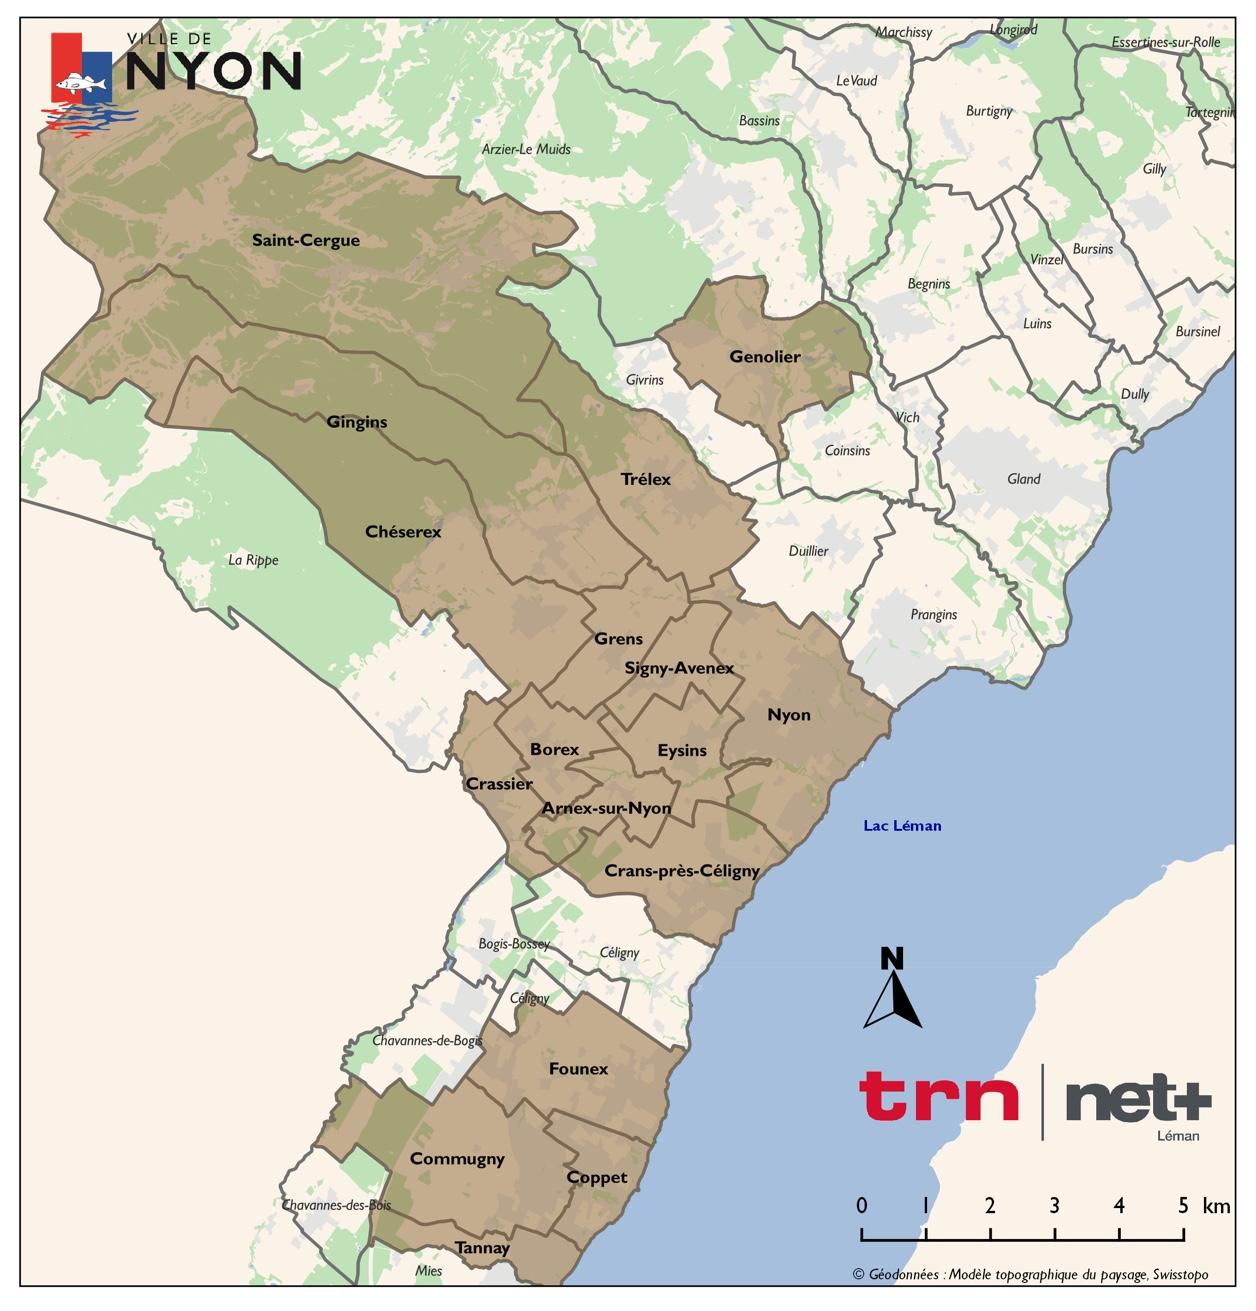 Carte des zones desservies par net+ Léman